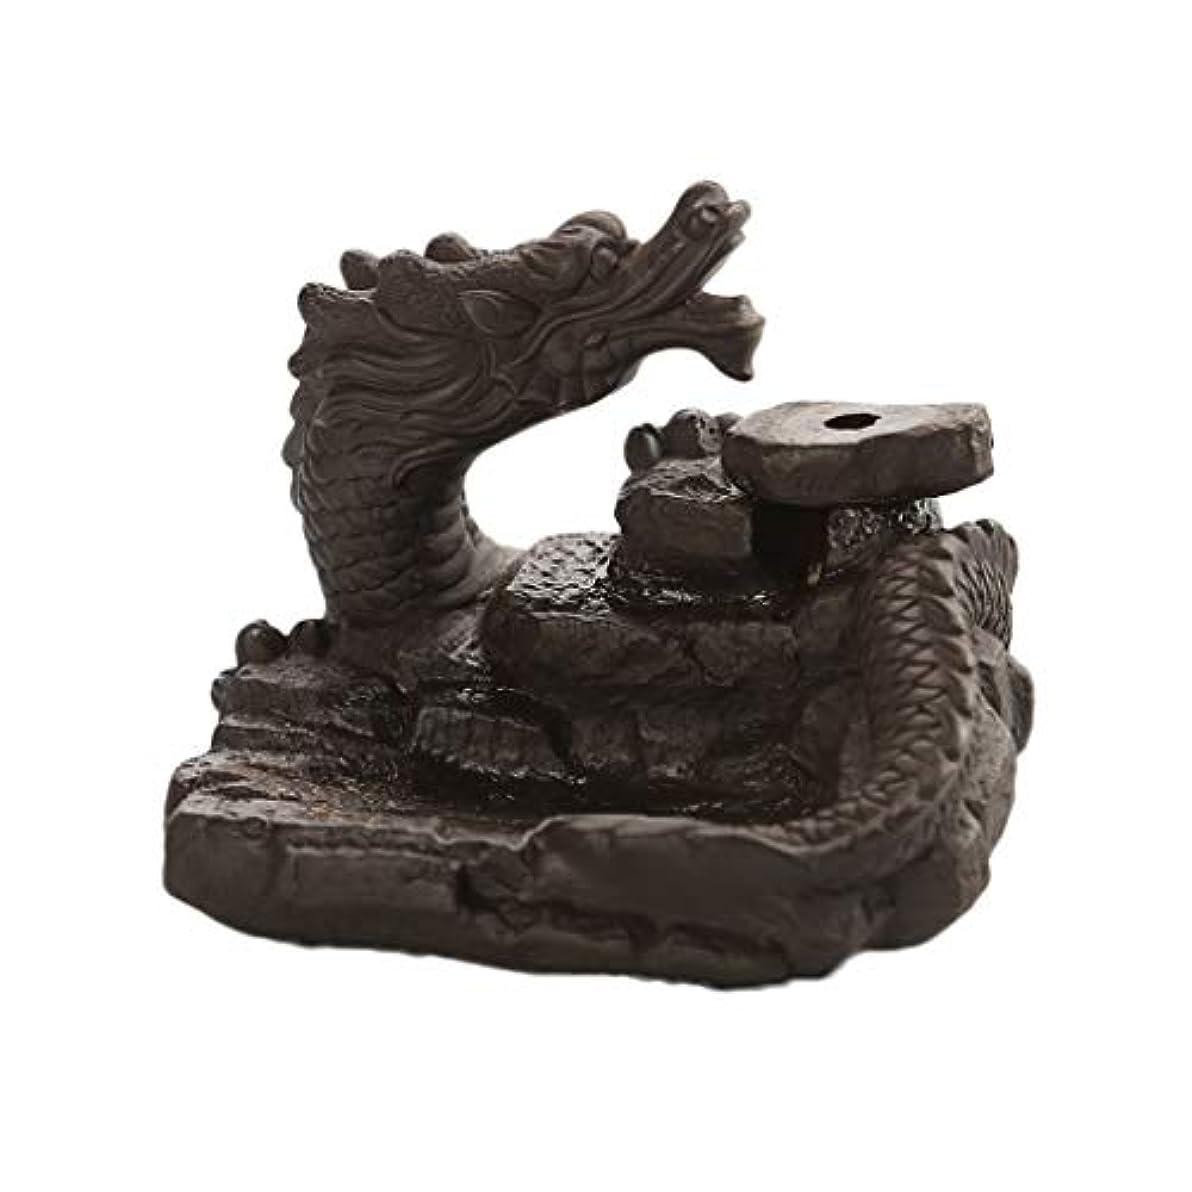 ログダニキラウエア山家の装飾ドラゴン逆流還流香バーナーセラミックスティックホルダーコーンセンサー茶室飾り香炉 芳香器?アロマバーナー (Color : Black, サイズ : 3.46*3.14*2.36 inches)